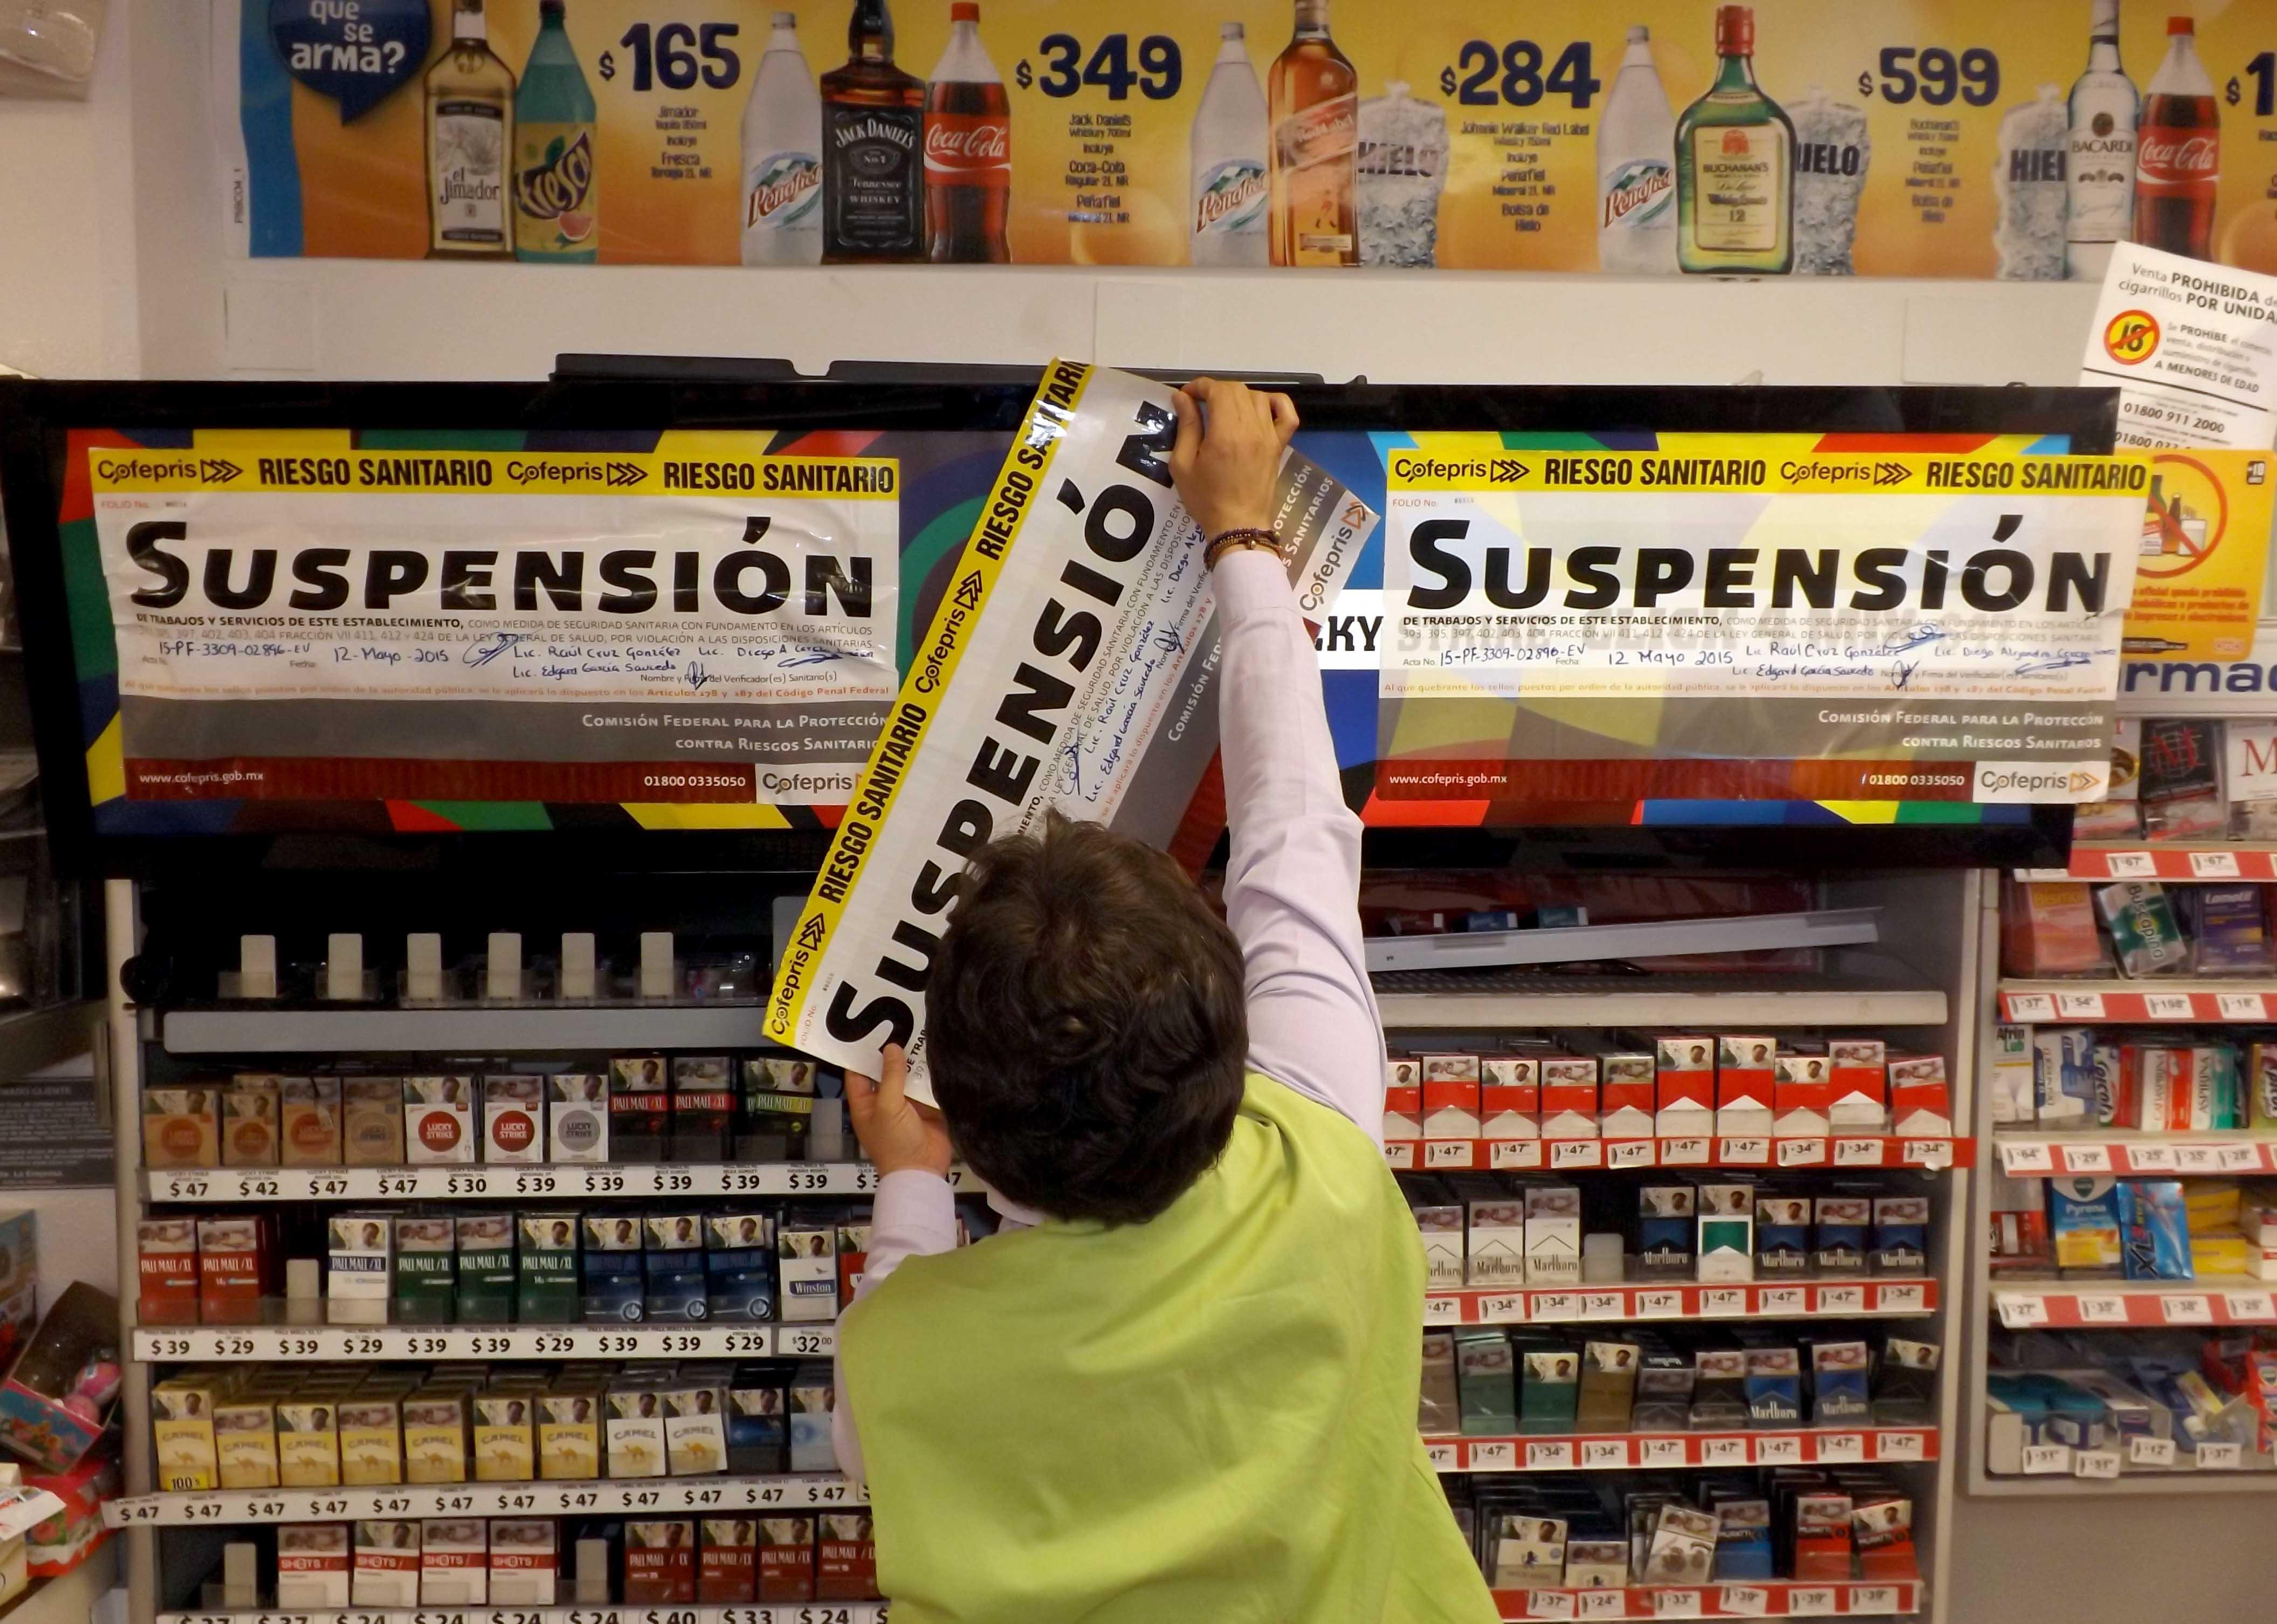 La Secretaría de Salud  detectó violaciones a la Ley General para el Control del Tabaco y su reglamento en materia de publicidad, por parte de tabacaleras en tiendas comerciales.